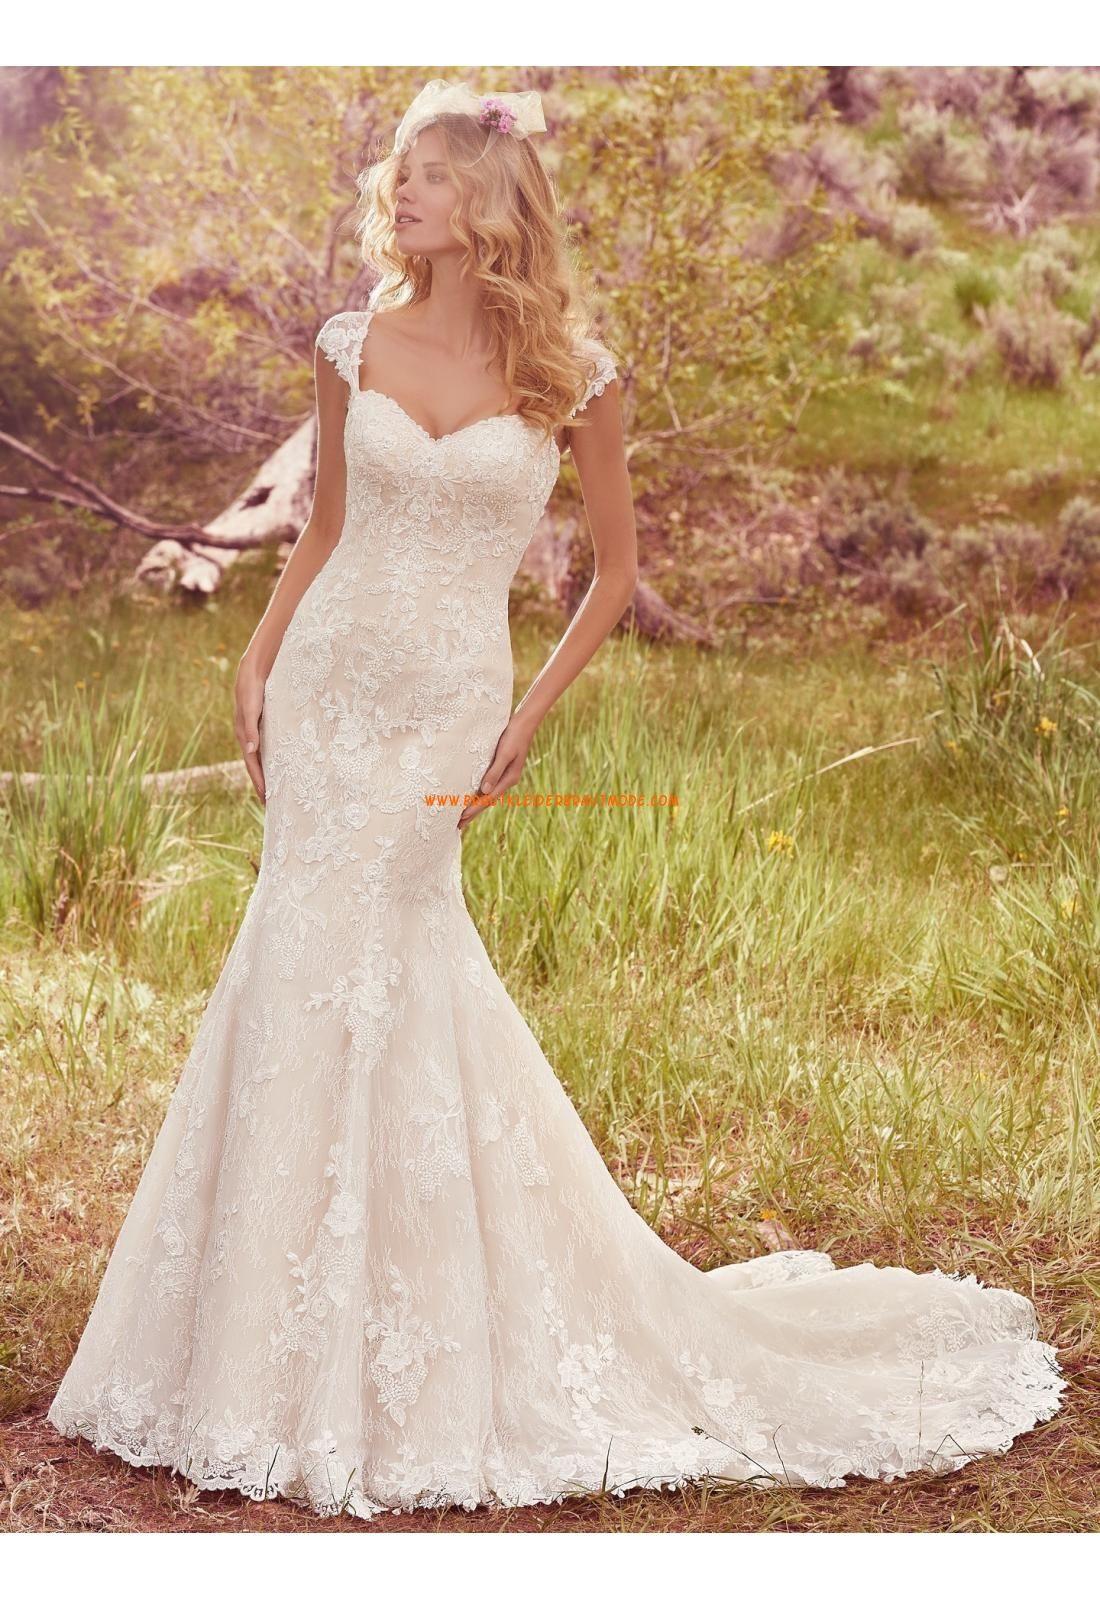 Meerjungfrau Luxuriöse Wunderschöne Brautkleider aus Tüll mit ...